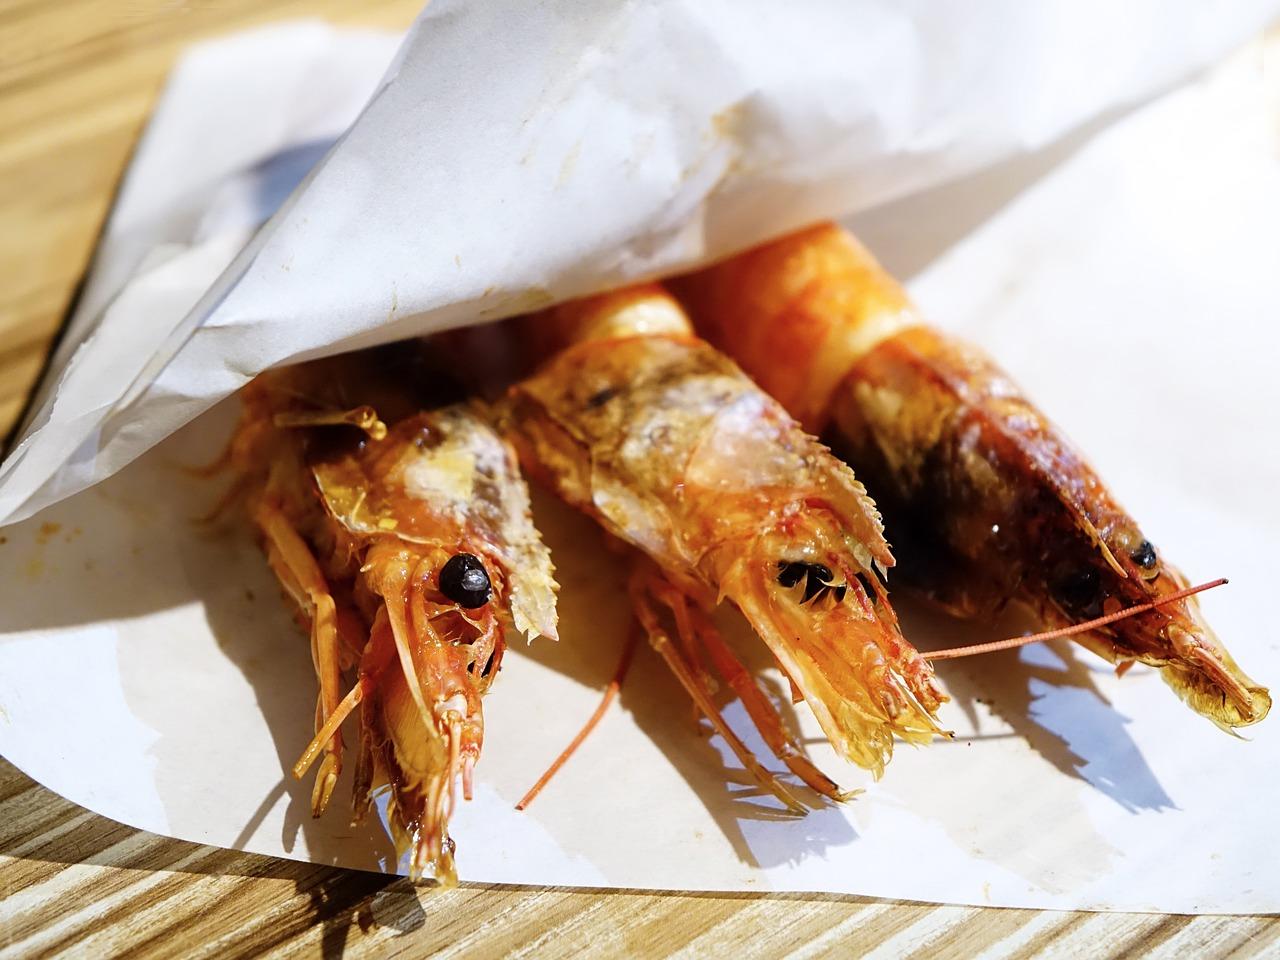 科學月刊: 美食當前,皮膚會出現異常紅疹,堅果,主要的癥狀有打噴嚏,能看卻不能碰?蝦引起的食物過敏